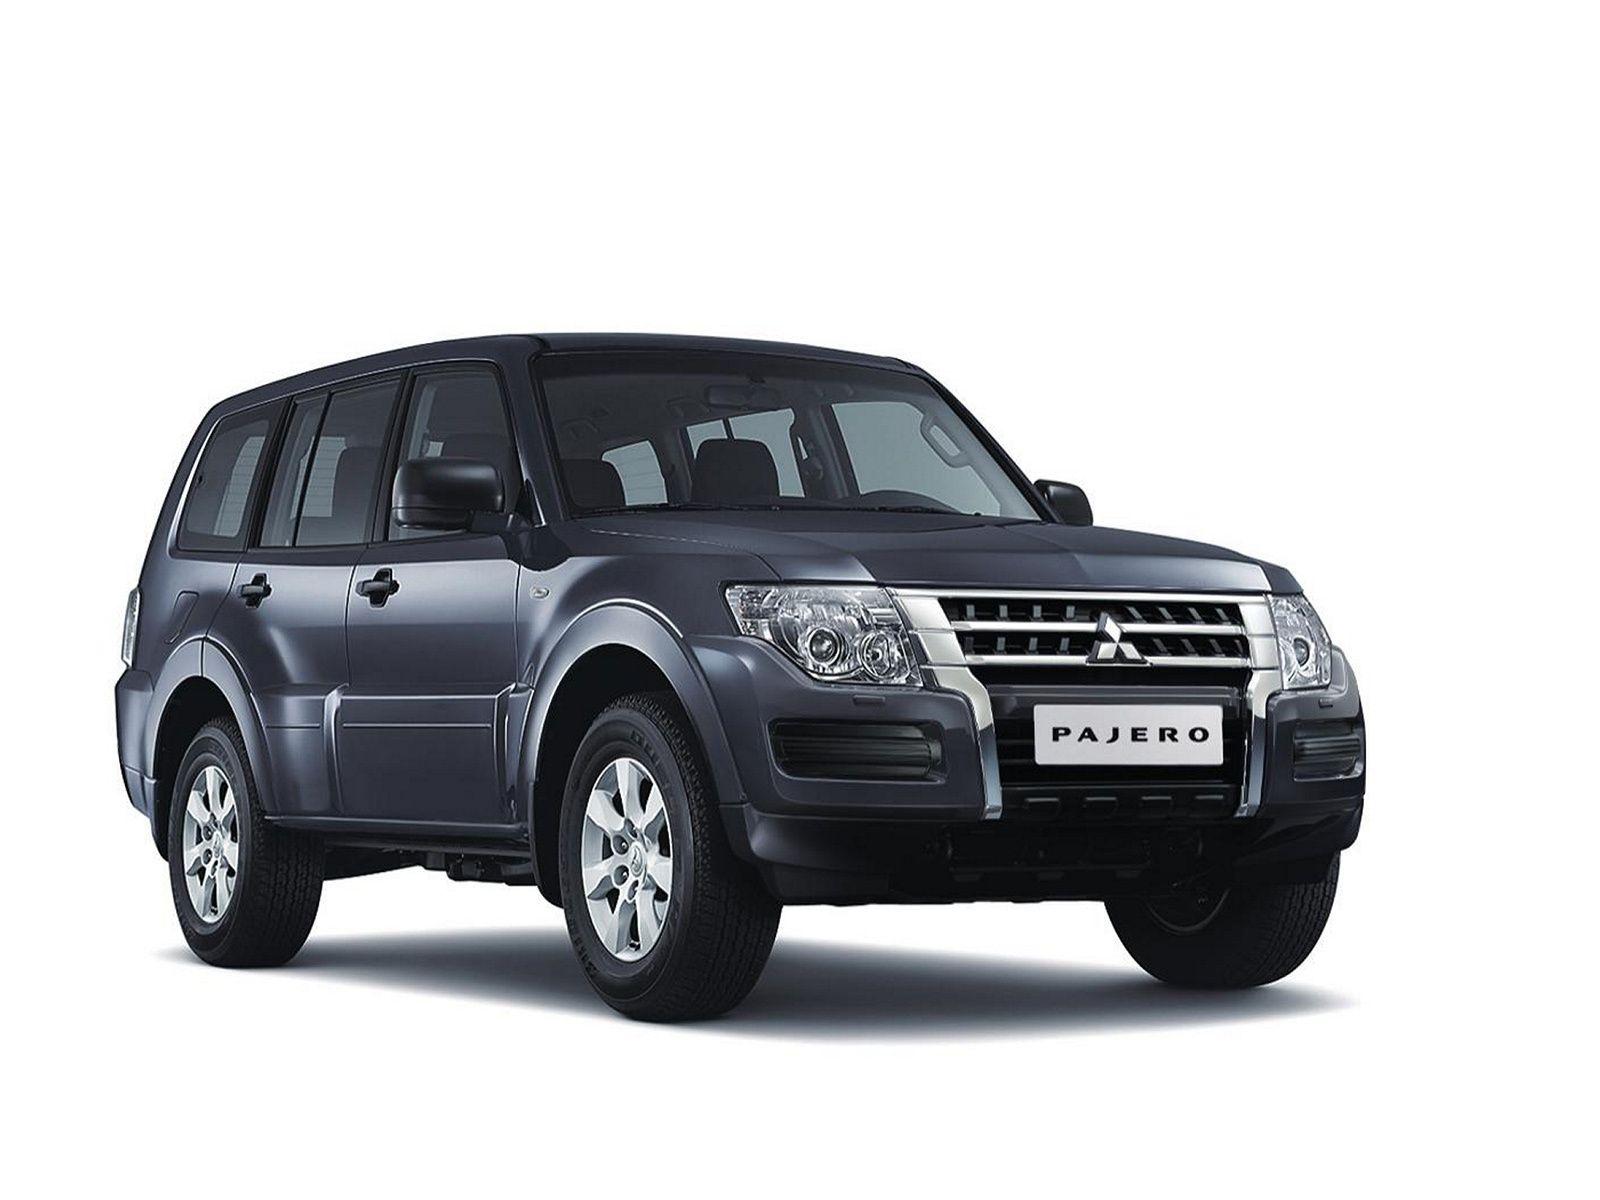 2013 mitsubishi pasjero exceed in black car finance 2u mitsubishi pajero loans nz http www carfinance2u co nz mitsubishi cars we love pinterest